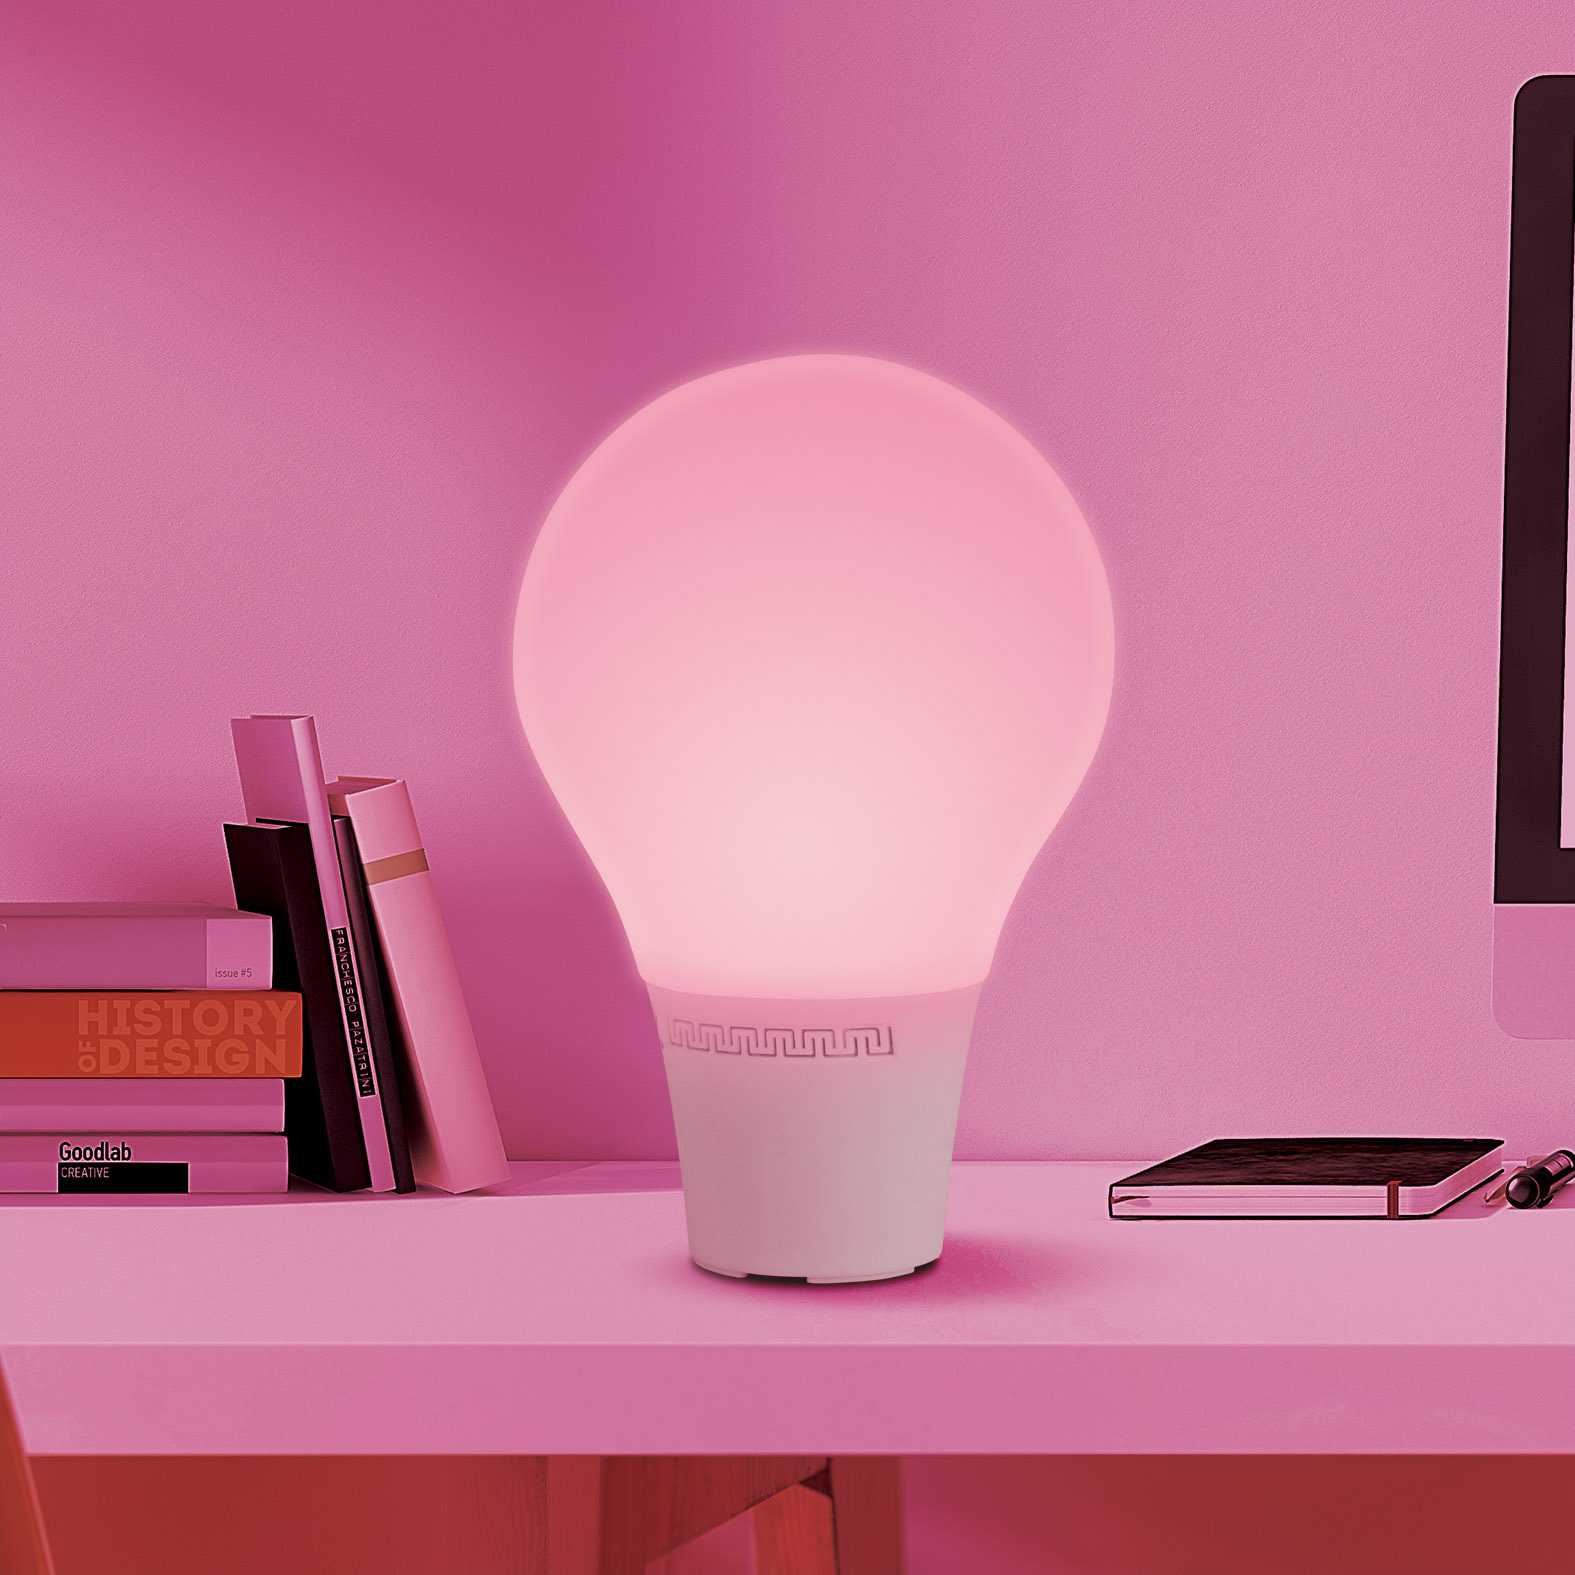 2015 新款 触摸硅胶灯罩 可充电智能情感蓝牙音响7彩灯  创意台灯